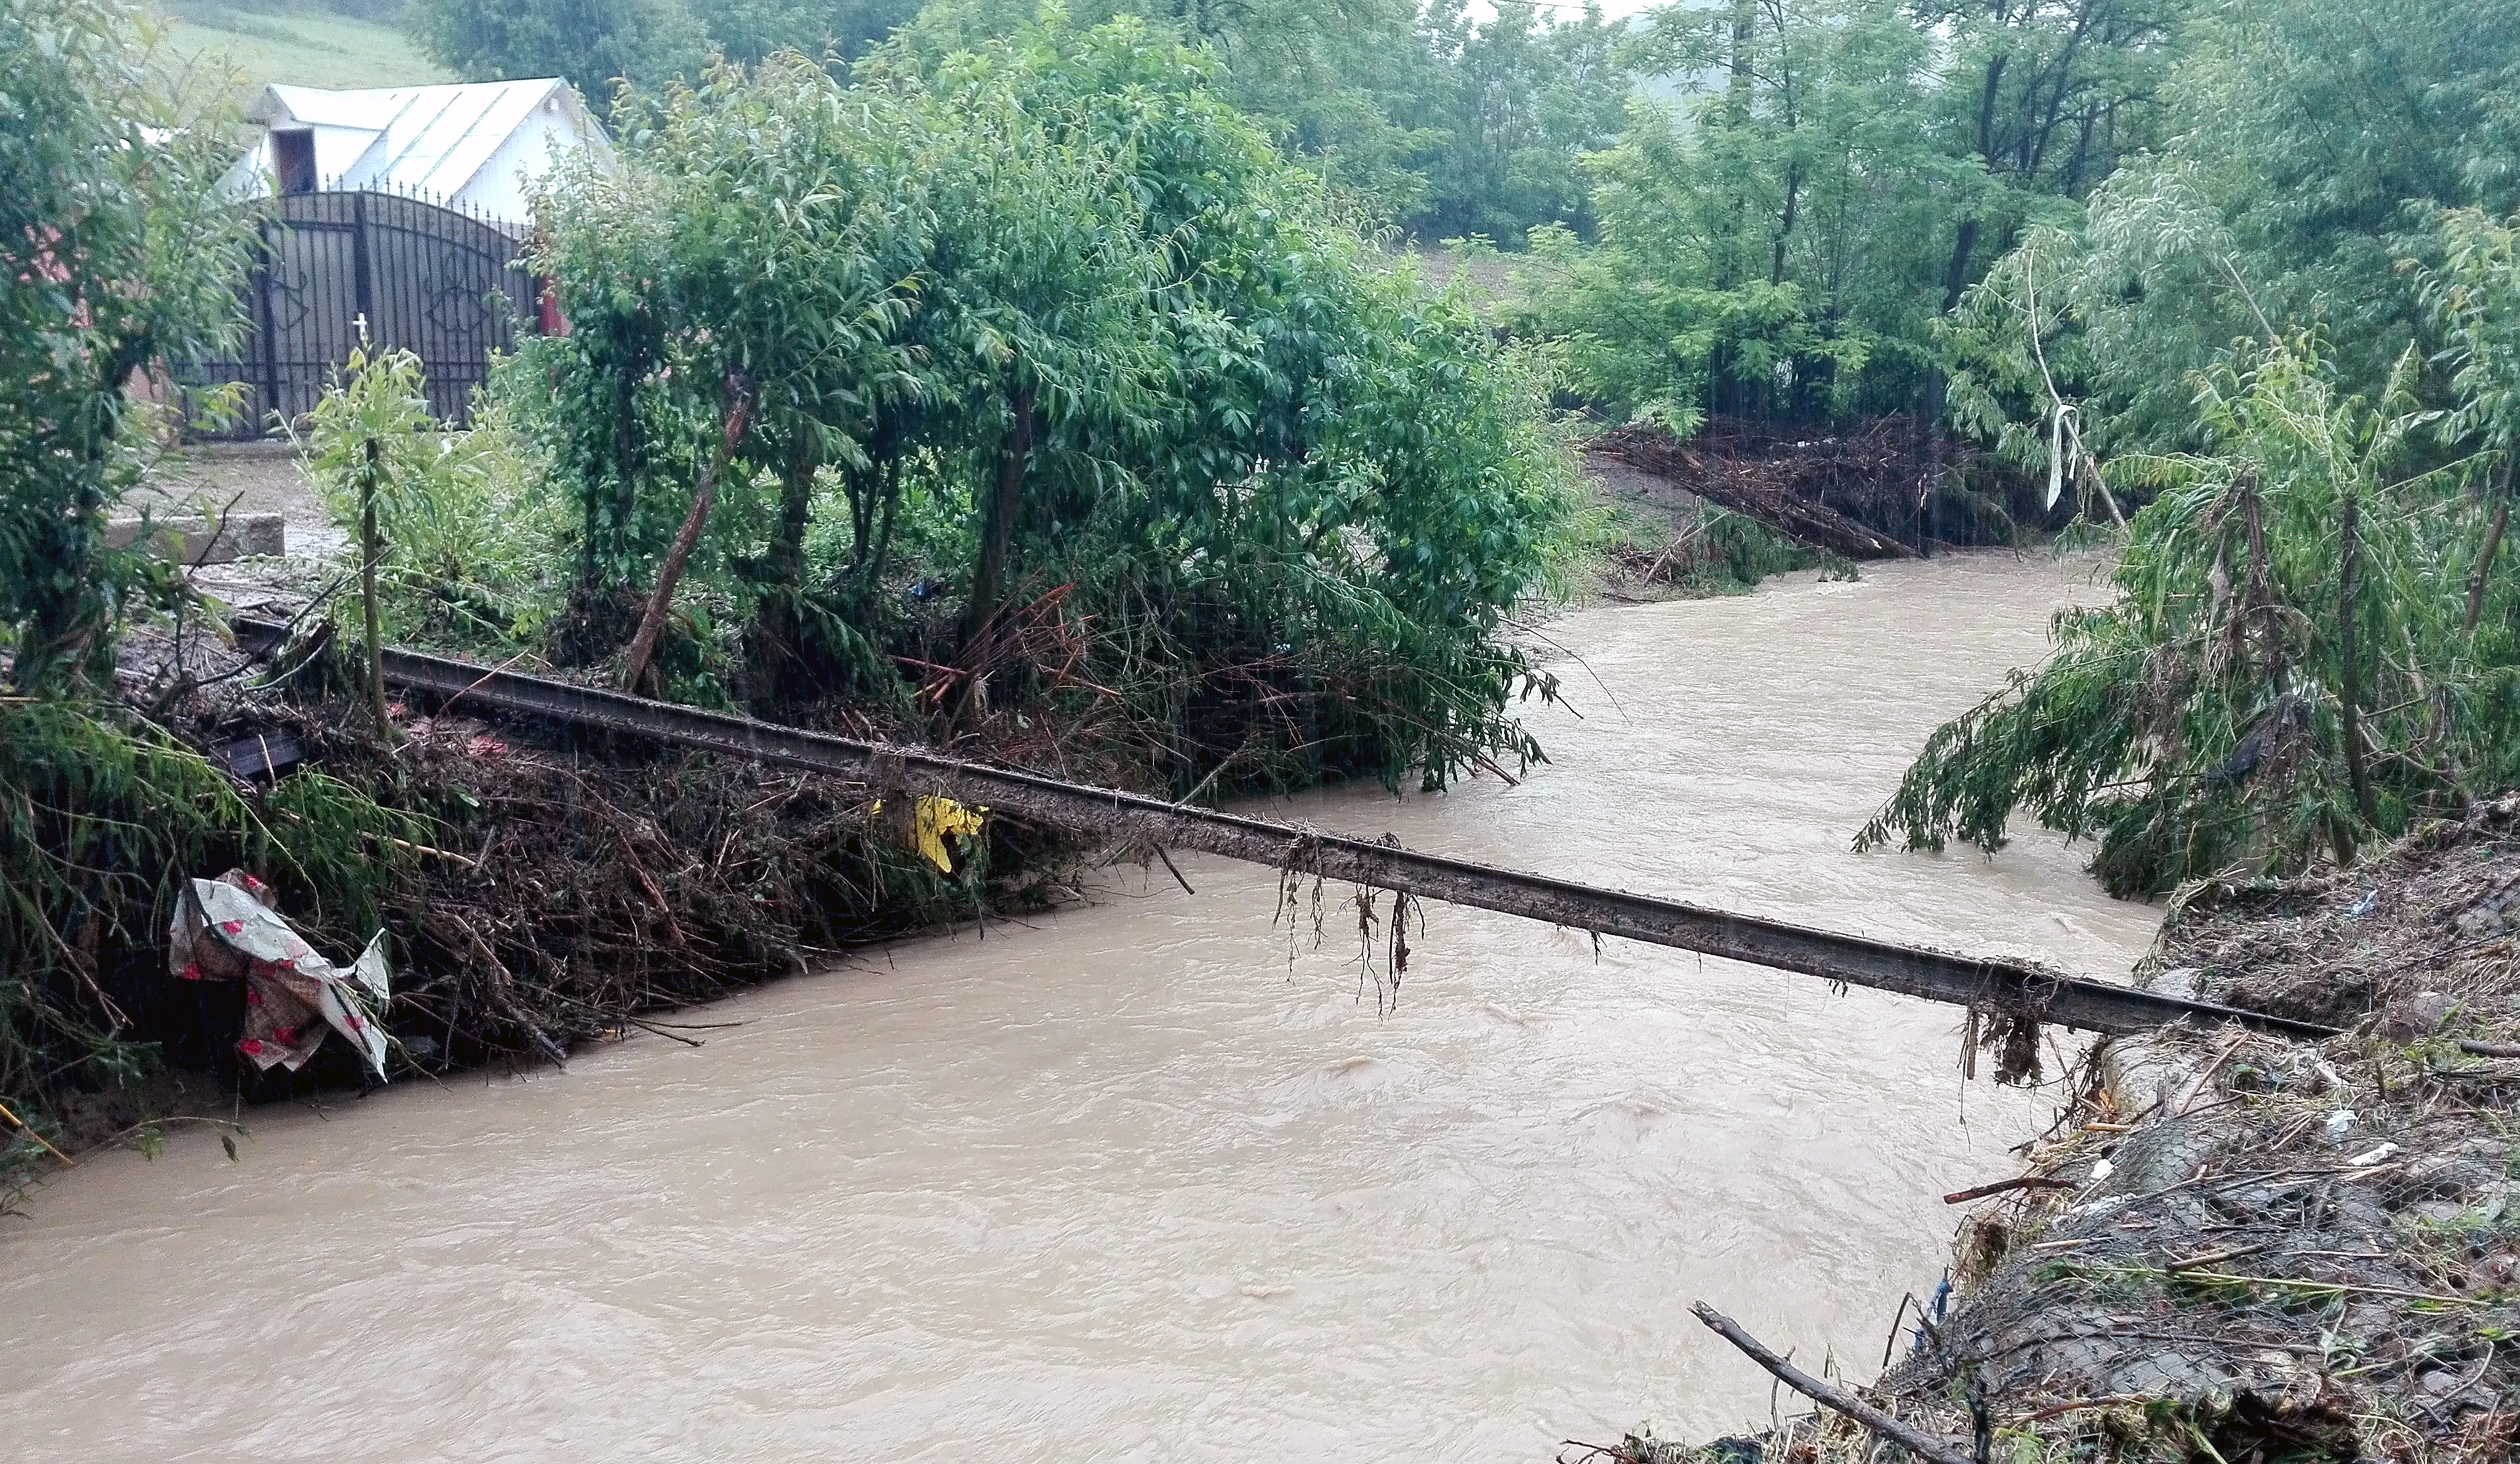 COD GALBEN de inundatii pentru rauri din 13 judete, pana luni, la ora 12:00